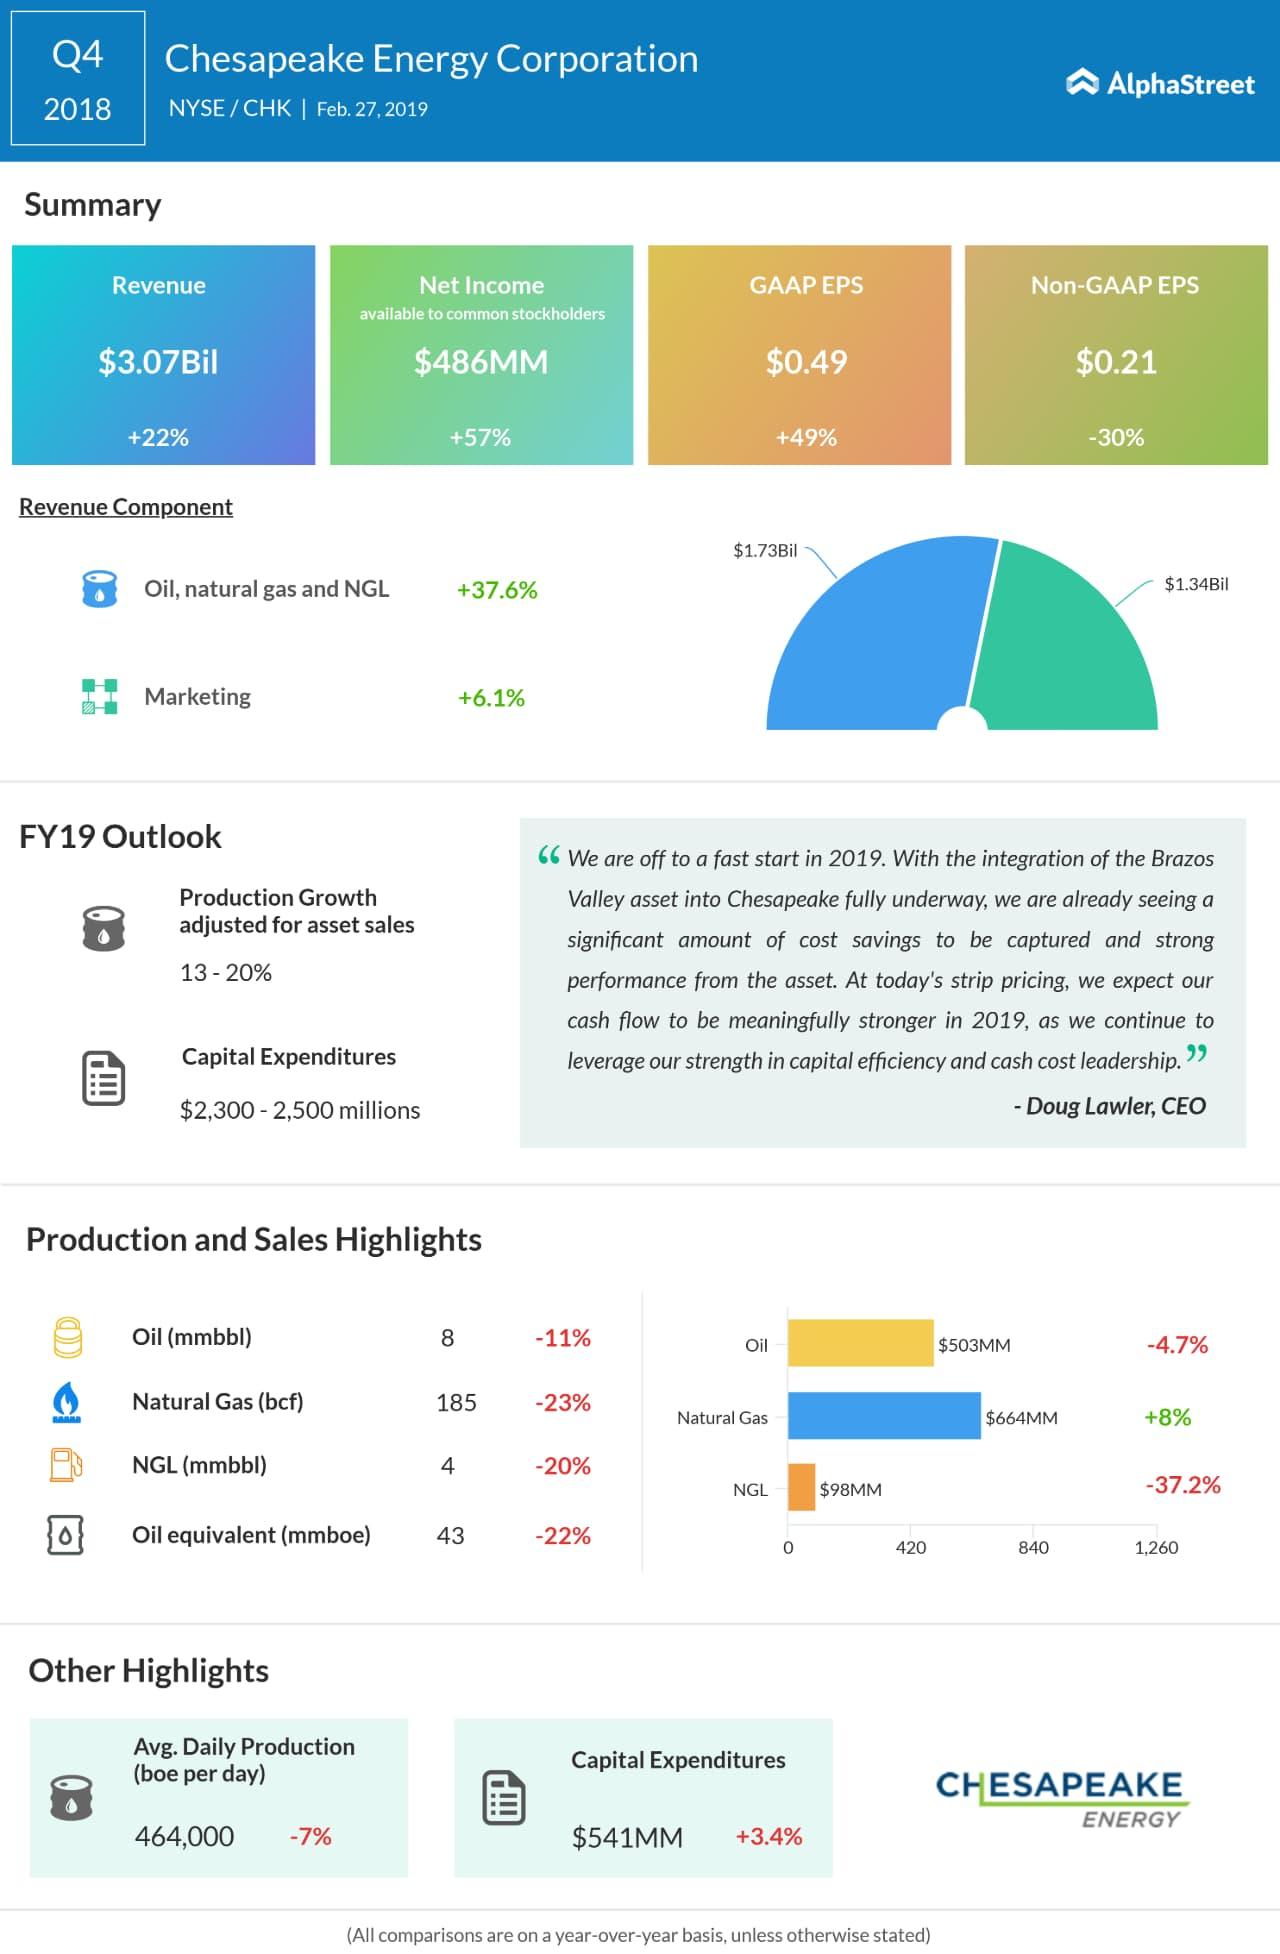 Chesapeake Energy fourth quarter 2018 earnings snapshot